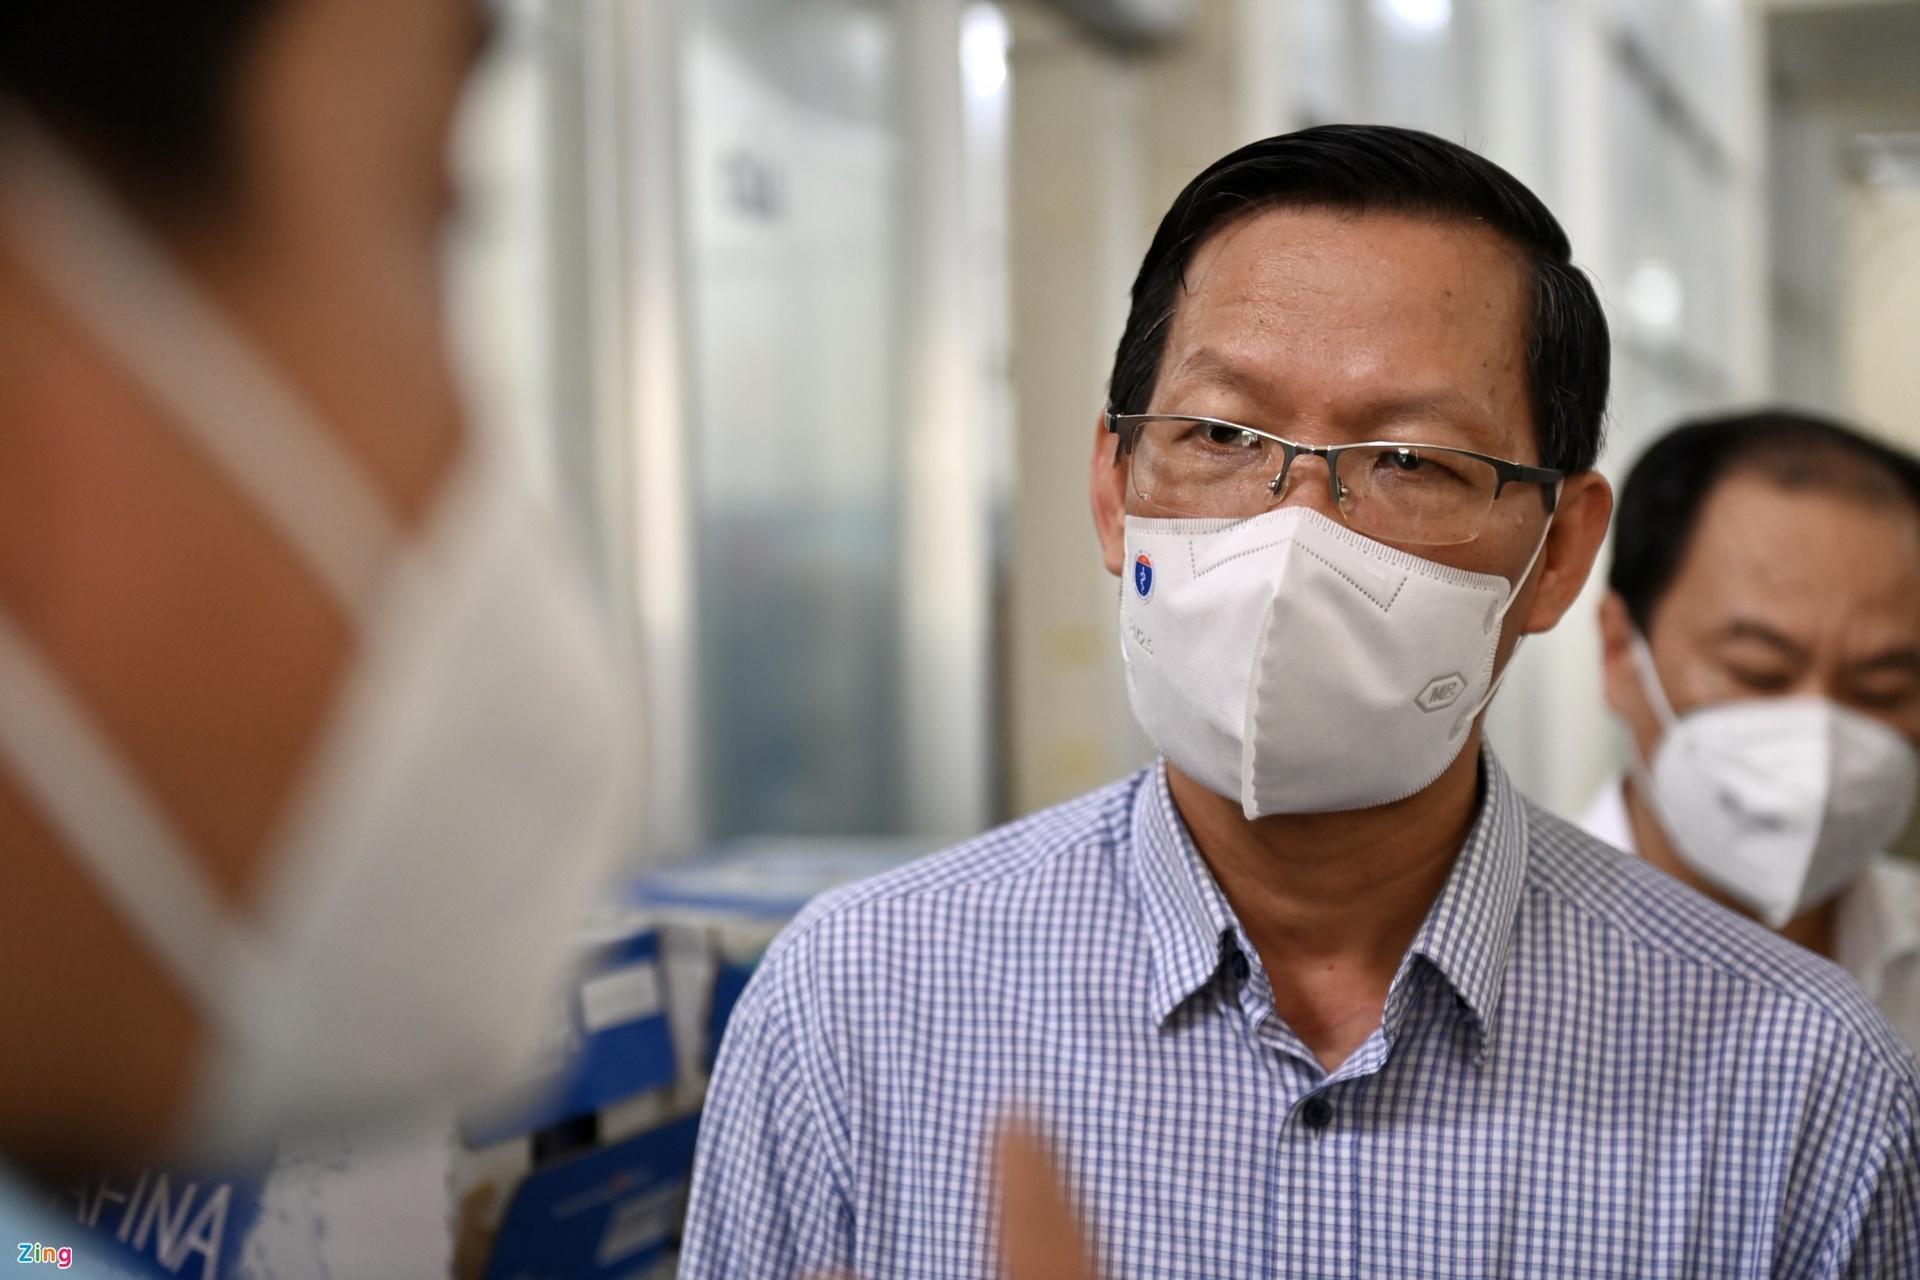 Chuyến thị sát của ông Phan Văn Mãi sau khi được phê chuẩn